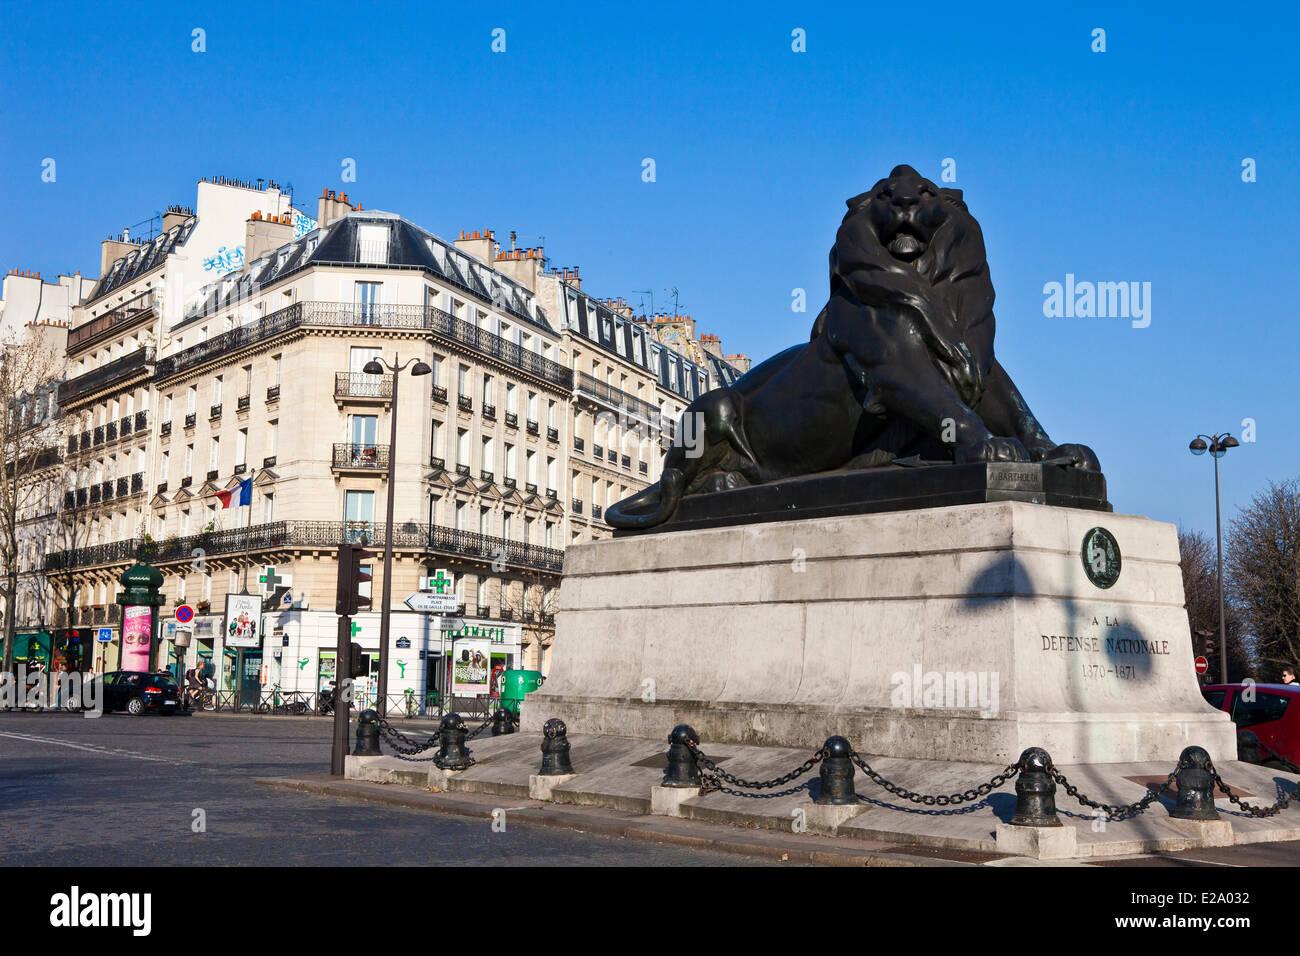 Francia, Parigi, Place Denfert Rochereau adornata con una replica del Leone di Belfort Immagini Stock